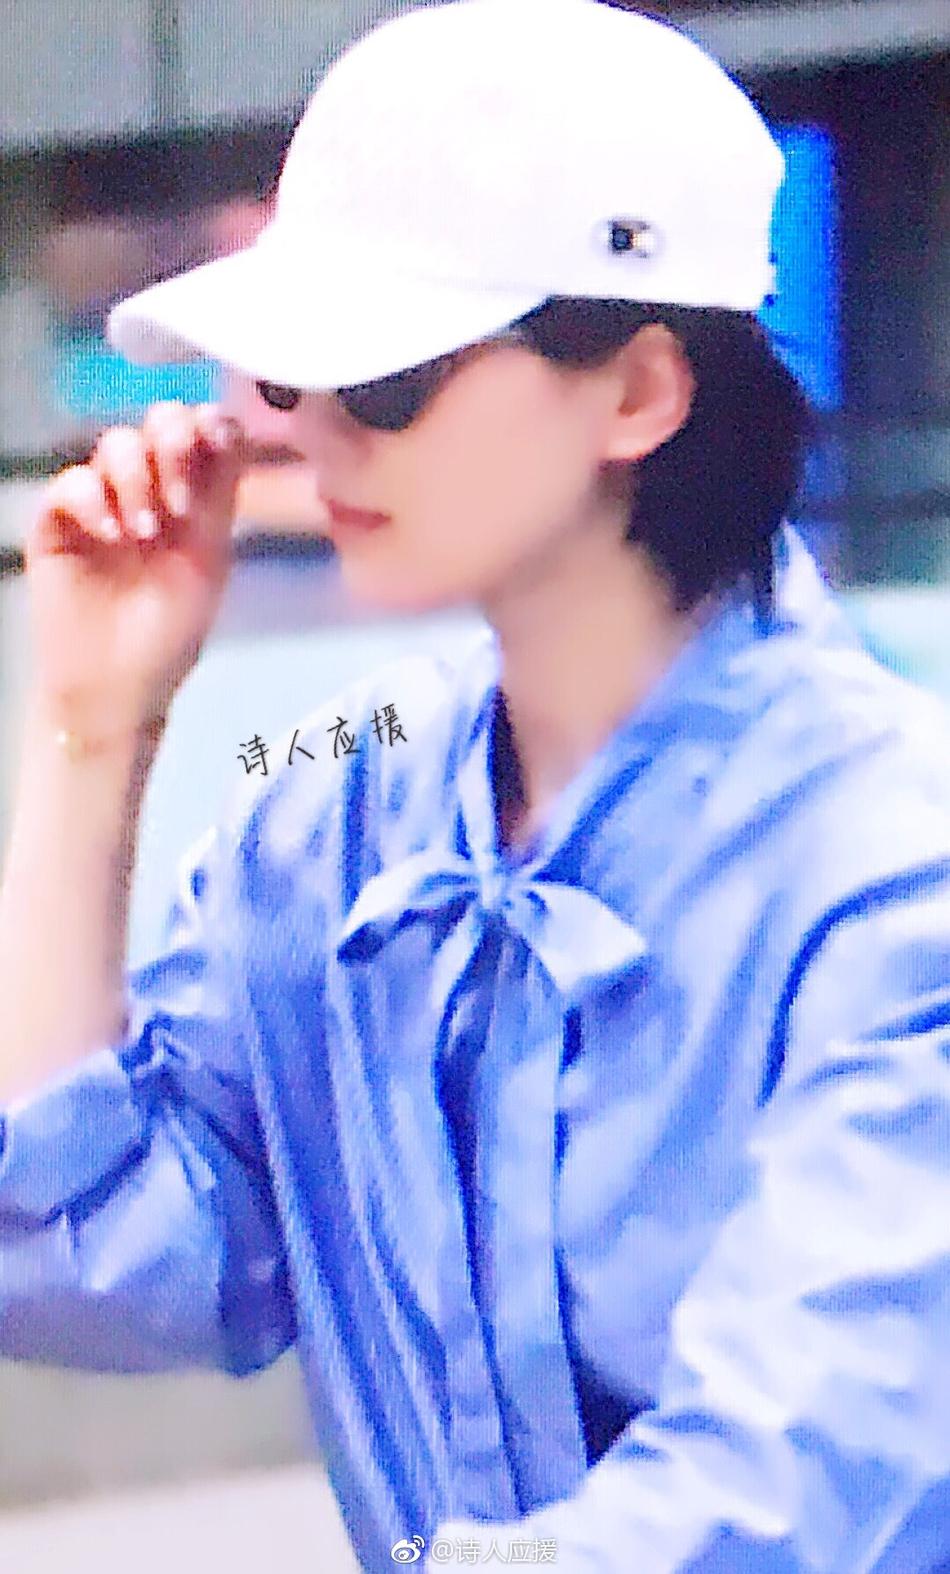 高清套图:刘诗诗新西兰度假后独自返京 白帽蓝衣清新十足